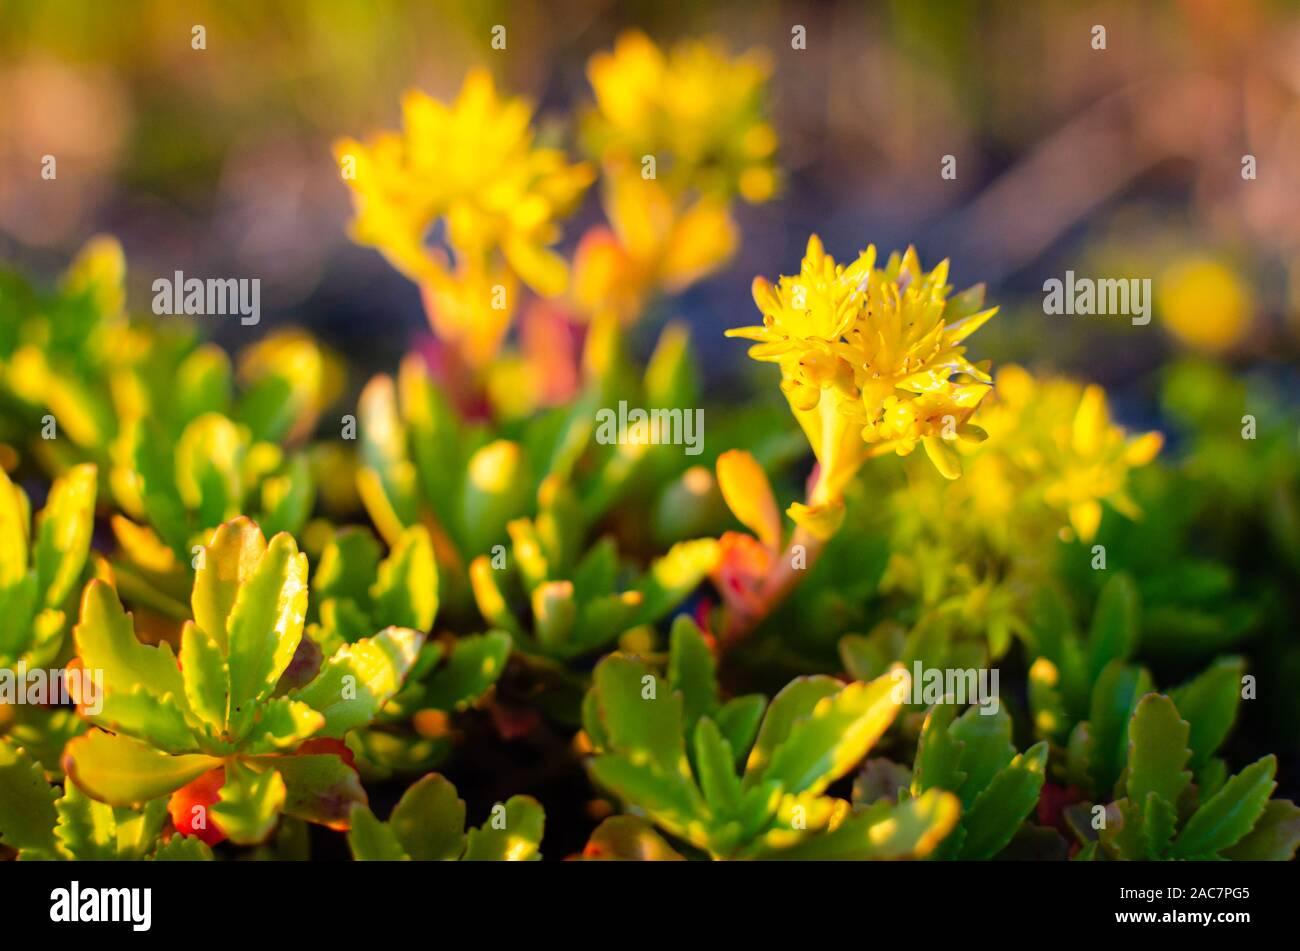 Unas Flores Amarillas Con Algunas Hojas Verdes Foto Imagen